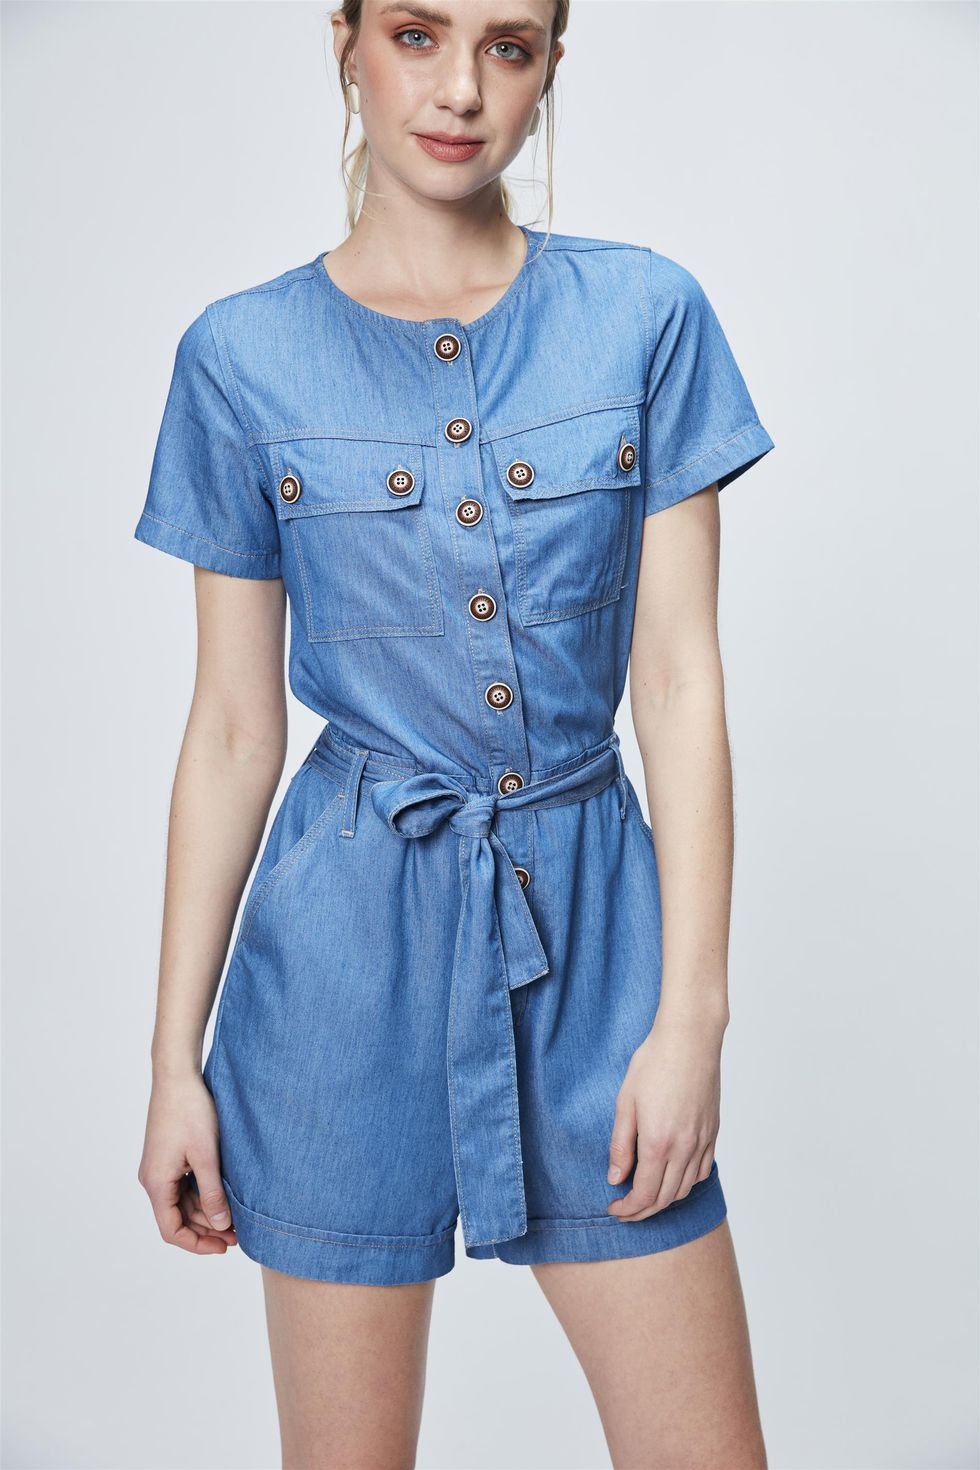 Macacao-Jeans-Curto-Utilitario-Frente--